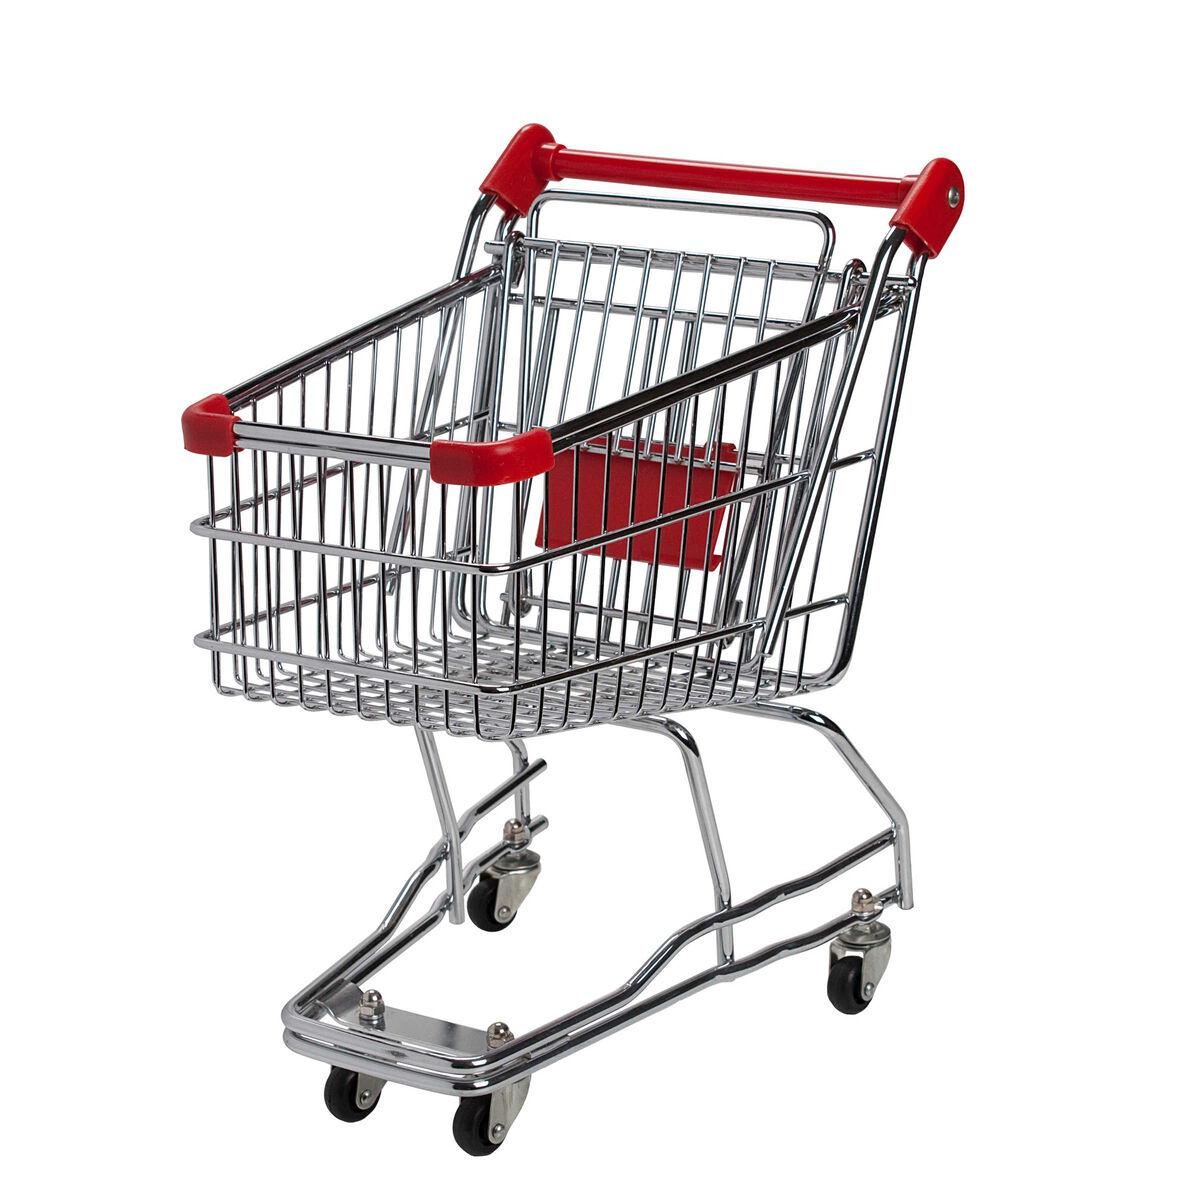 SUPERMARKET Einkaufswagen groß rot